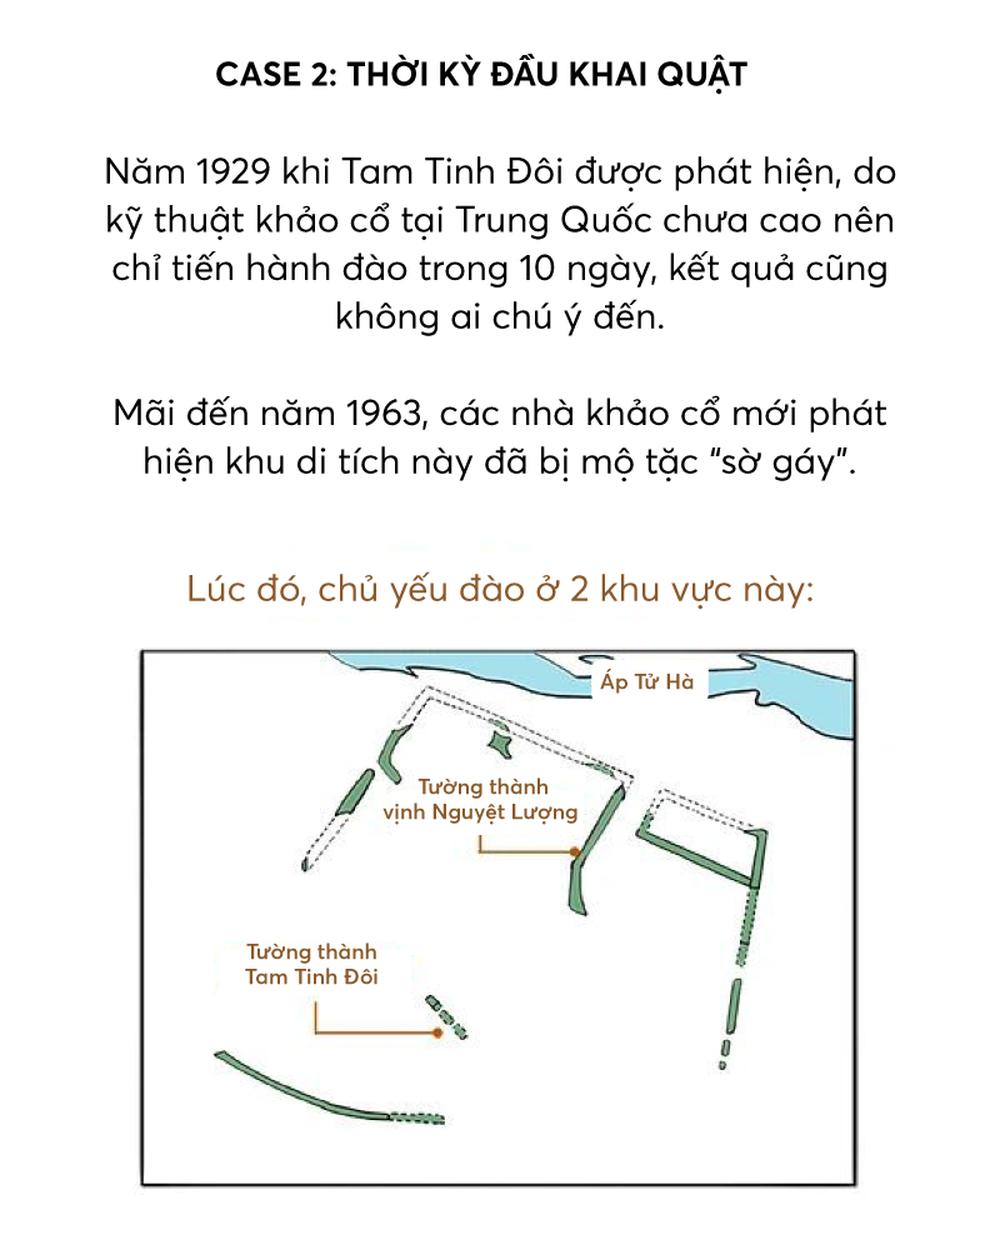 Infographic: Một phút để hiểu tại sao Tam Tinh Đôi có thể viết lại lịch sử Trung Quốc - Ảnh 5.